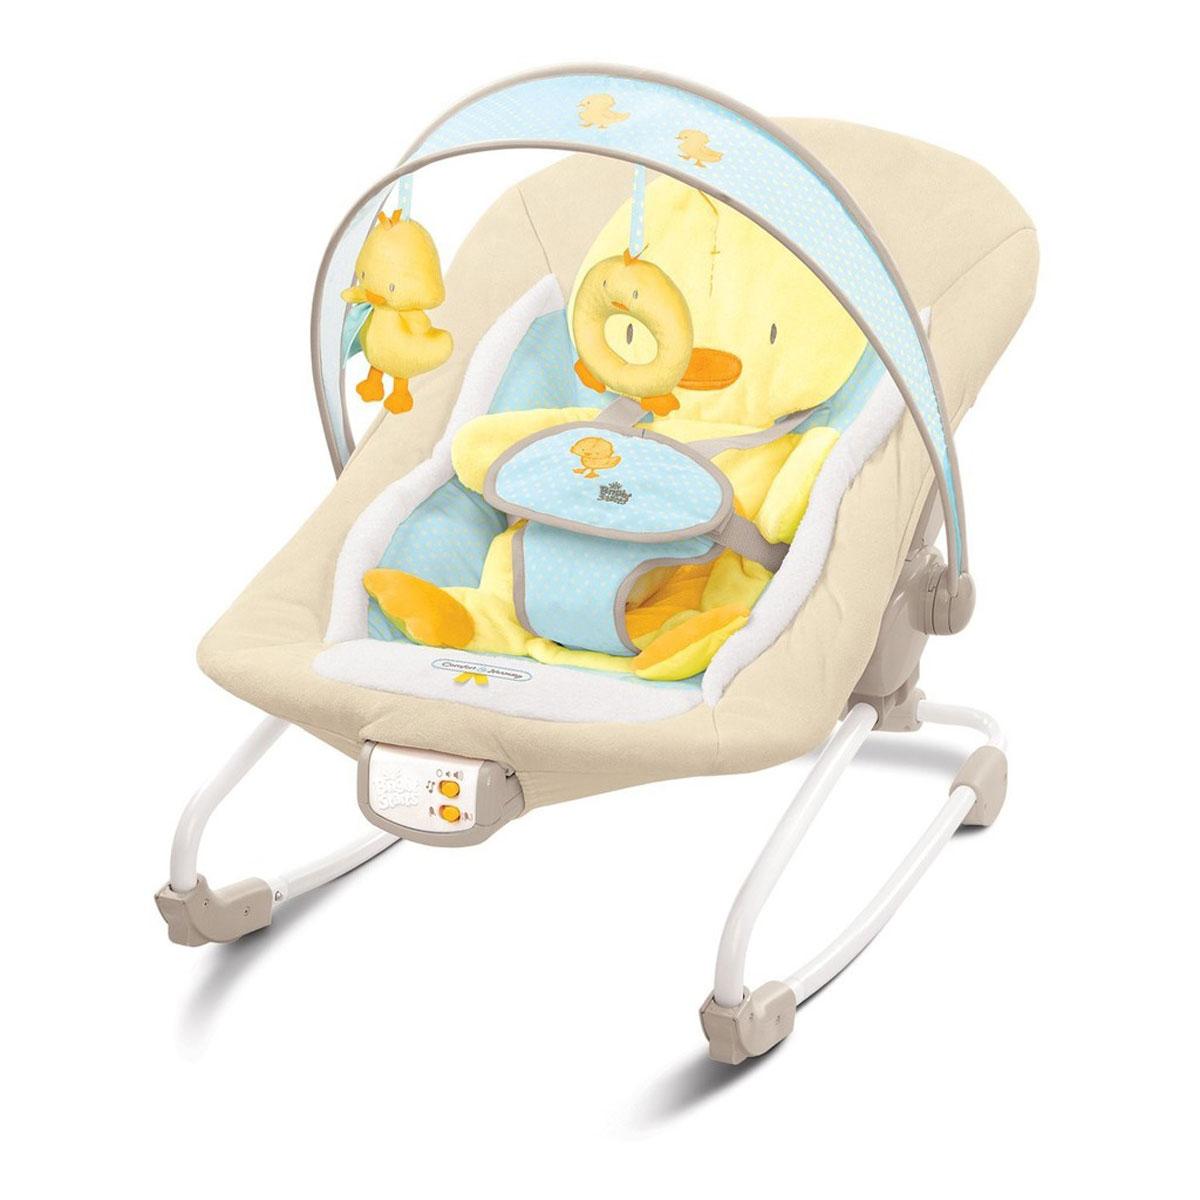 """Шезлонг Bright Starts """"Утенок"""" предназначен для детей с рождения. Шезлонг можно использовать как качалку, а можно зафиксировать сиденье. Благодаря качалке увеличенного размера малыш всегда может быть """"под присмотром"""", даже когда вы отдыхаете или занимаетесь своими делами! Шезлонг позволяет держать ребенка на виду, обеспечив ему максимальный комфорт и безопасность. Очень удобное кресло надежно удержит малыша во время бодрствования ремнем безопасности, а функция качалки и вибрация развлечет и позабавит его. Шезлонг содержит 7 мелодий, имеется регулировка громкости, и автоматическое отключение через 15 минут. Съемная перекладина для игрушек может поворачиваться для быстрого доступа к ребенку. Игрушки притягивают внимание малыша, развивают зрительные навыки и моторику. Сиденье можно стирать в стиральной машине. Шезлонг имеет специальные """"нескользкие"""" ножки. Легко складывается для хранения. Необходимо купить 3 батарейки типа """"C"""" (не входят в комплект)."""